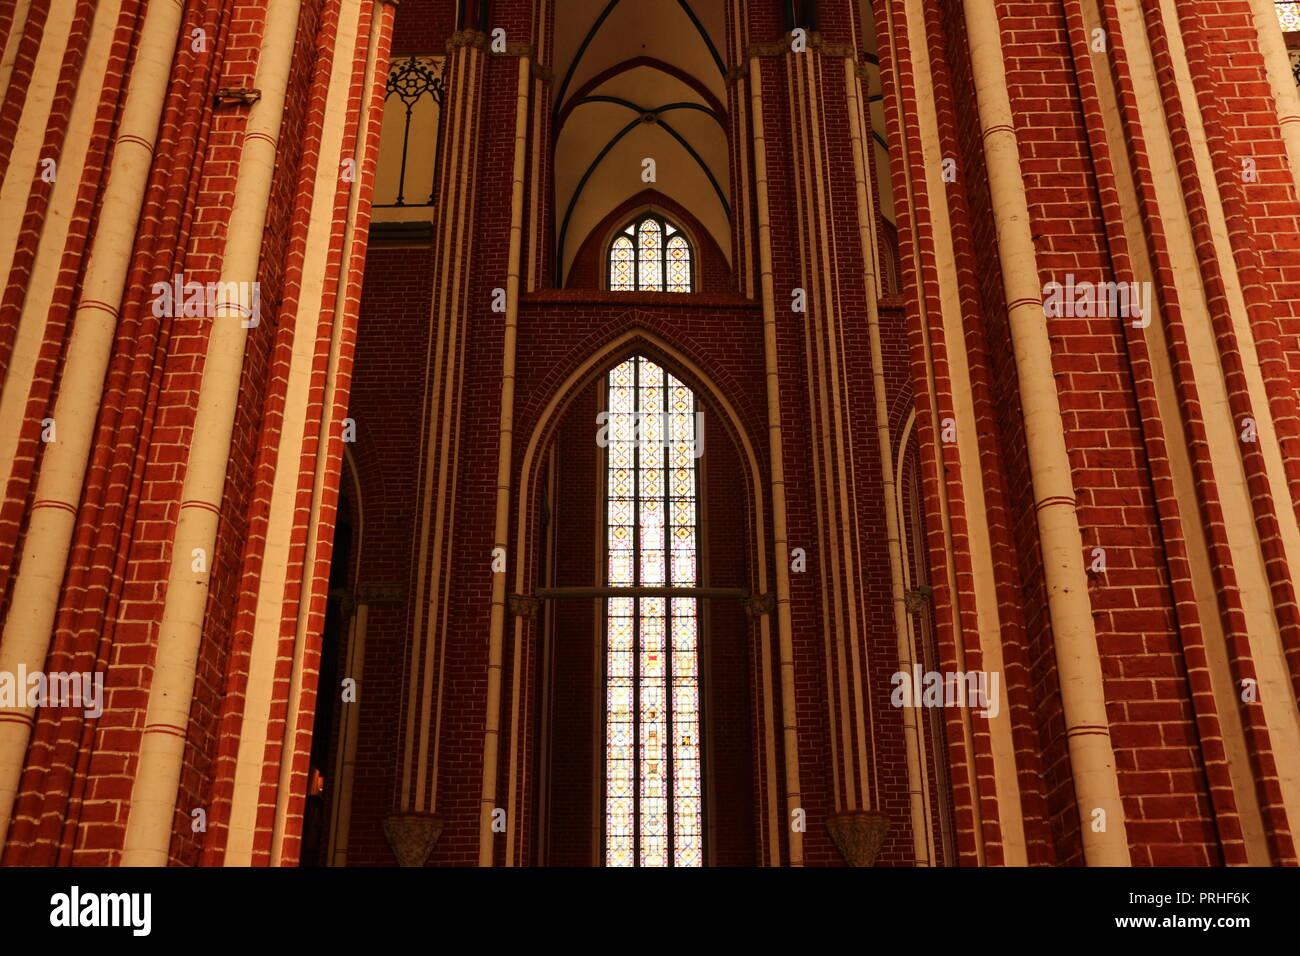 Innenaufnahme der ehemaligen Klosterkirche in Bad Doberan - Stock Image